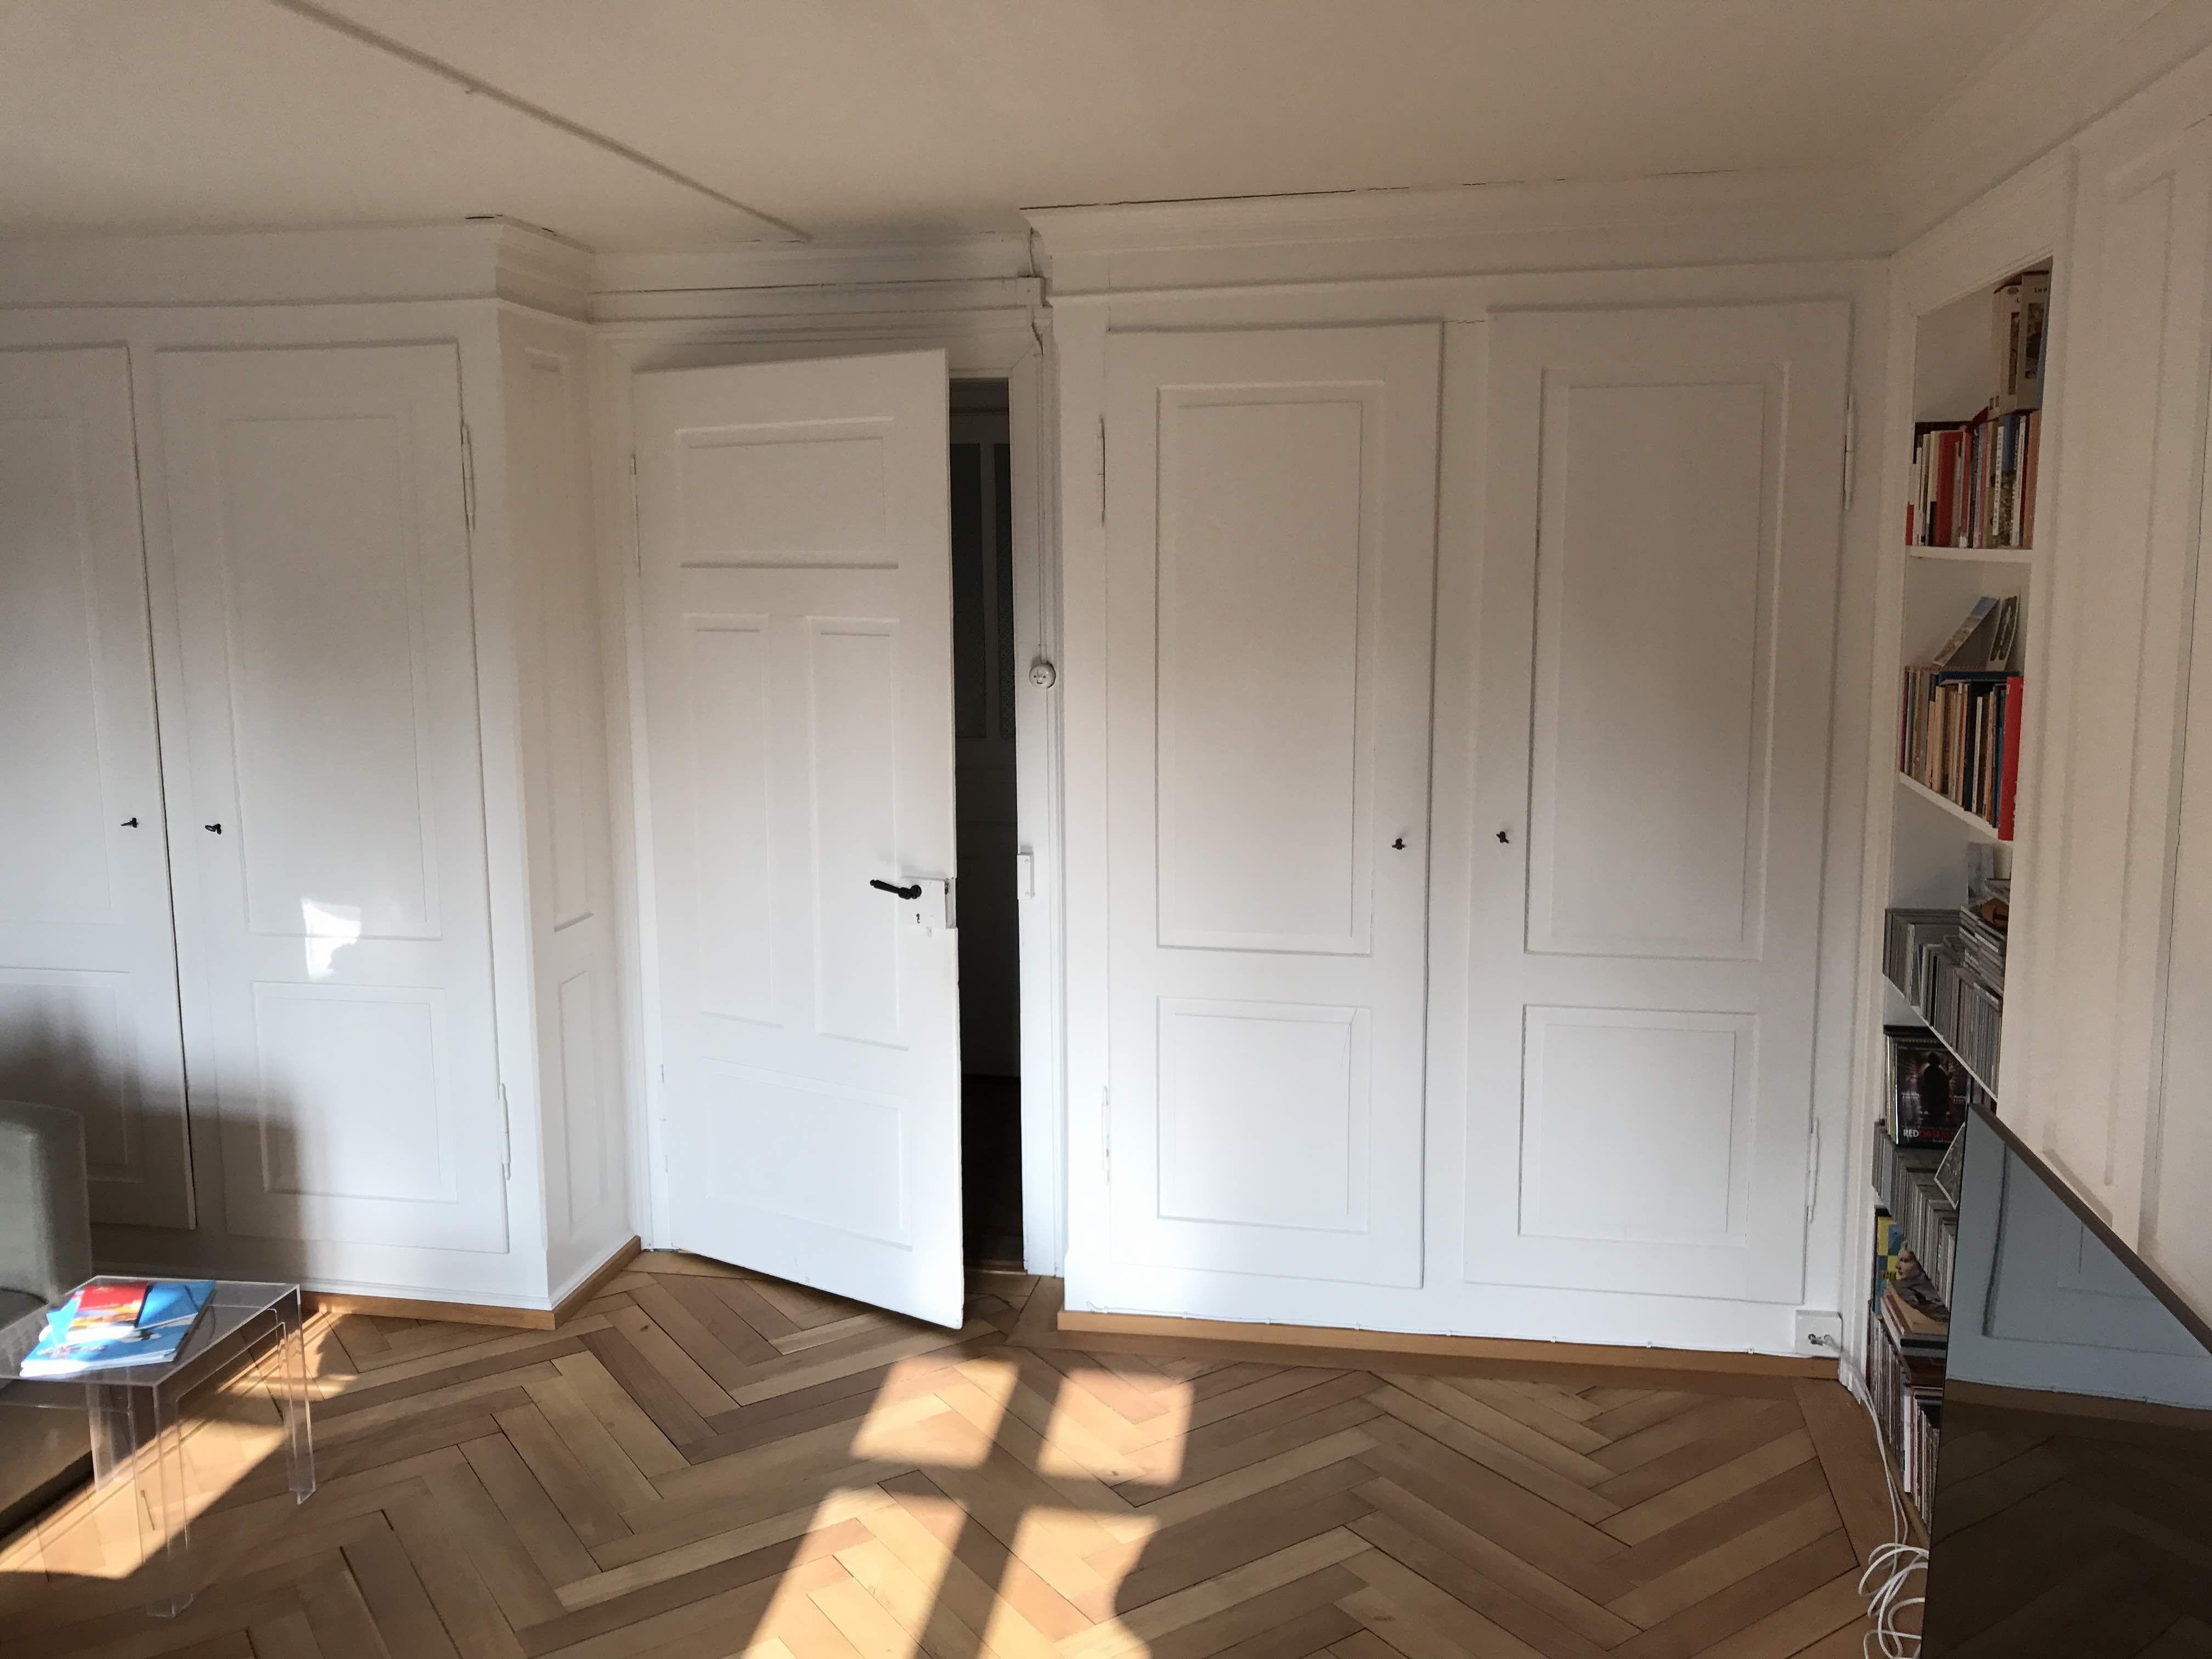 Grosse Einbauschränke im hellen, sonnigen Wohnzimmer ...